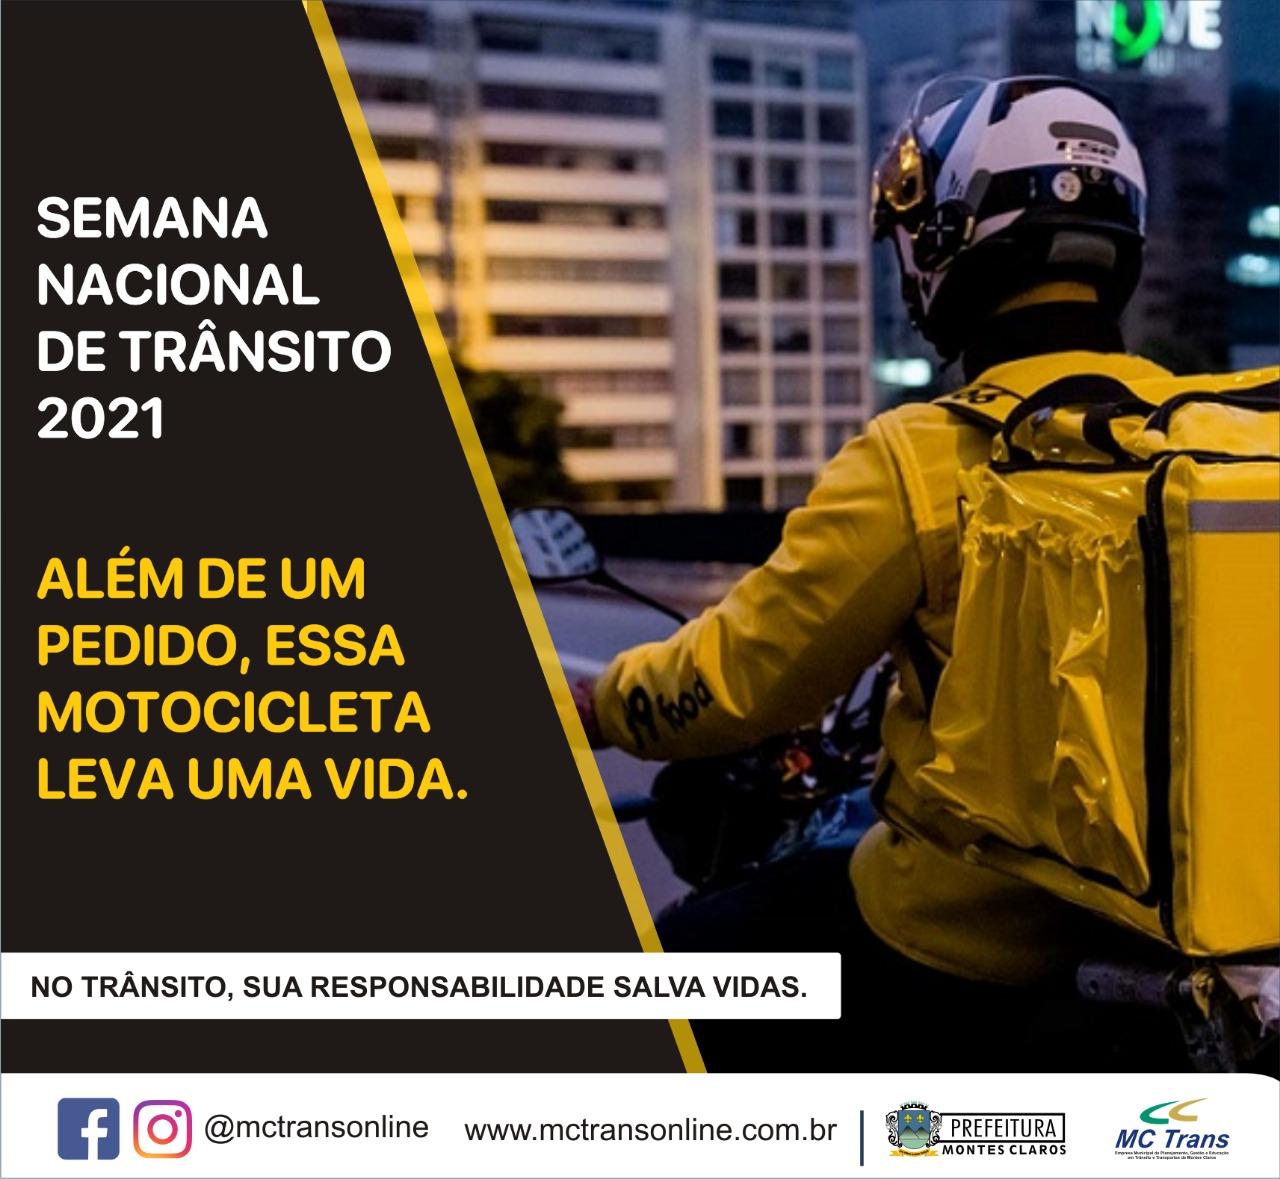 Imagem de destaque SEMANA NACIONAL DO TRÂNSITO - MCTrans realiza ação educativa focada em motoboys